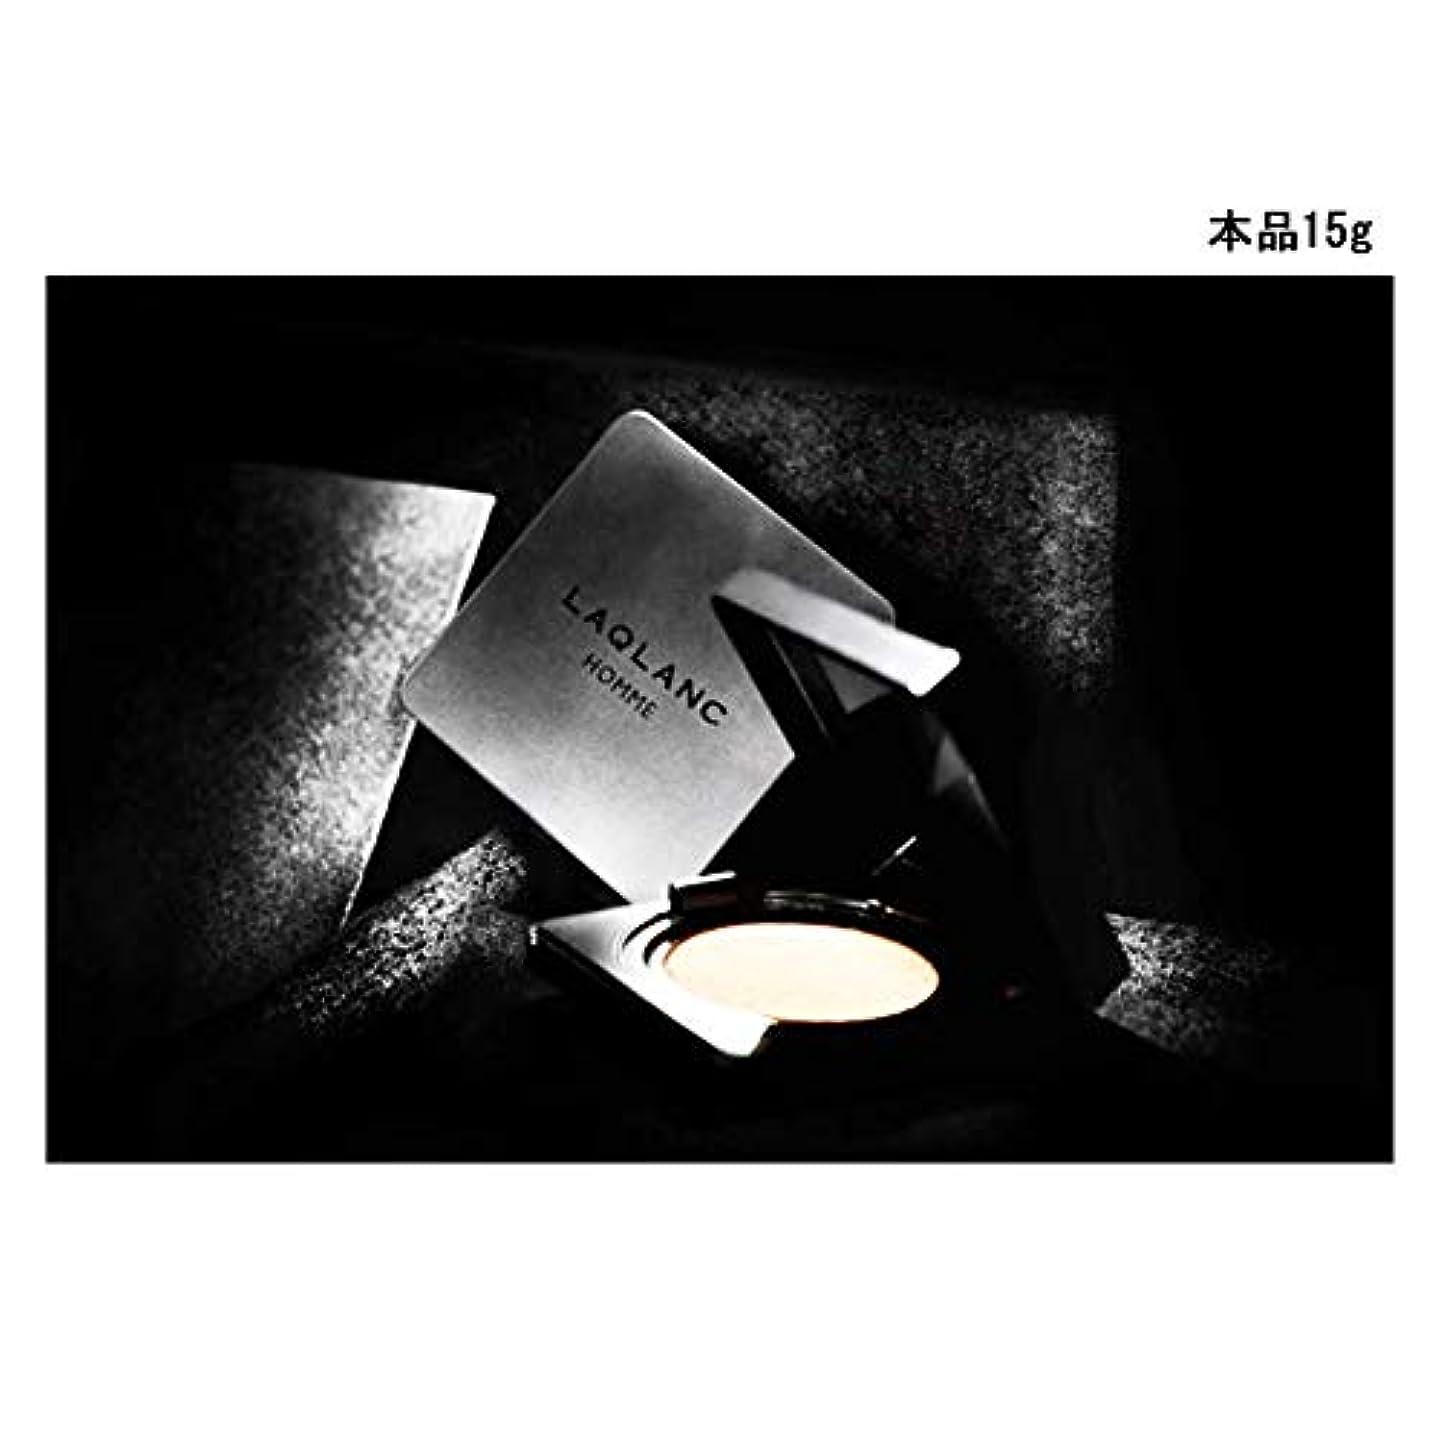 自明化粧視聴者(Laqlanc)大人気 10秒完成 ナチュラル 肌色アップ 紫外線遮断 ホワイトニング 男性 エアクッション 15g [海外配送品] [並行輸入品]